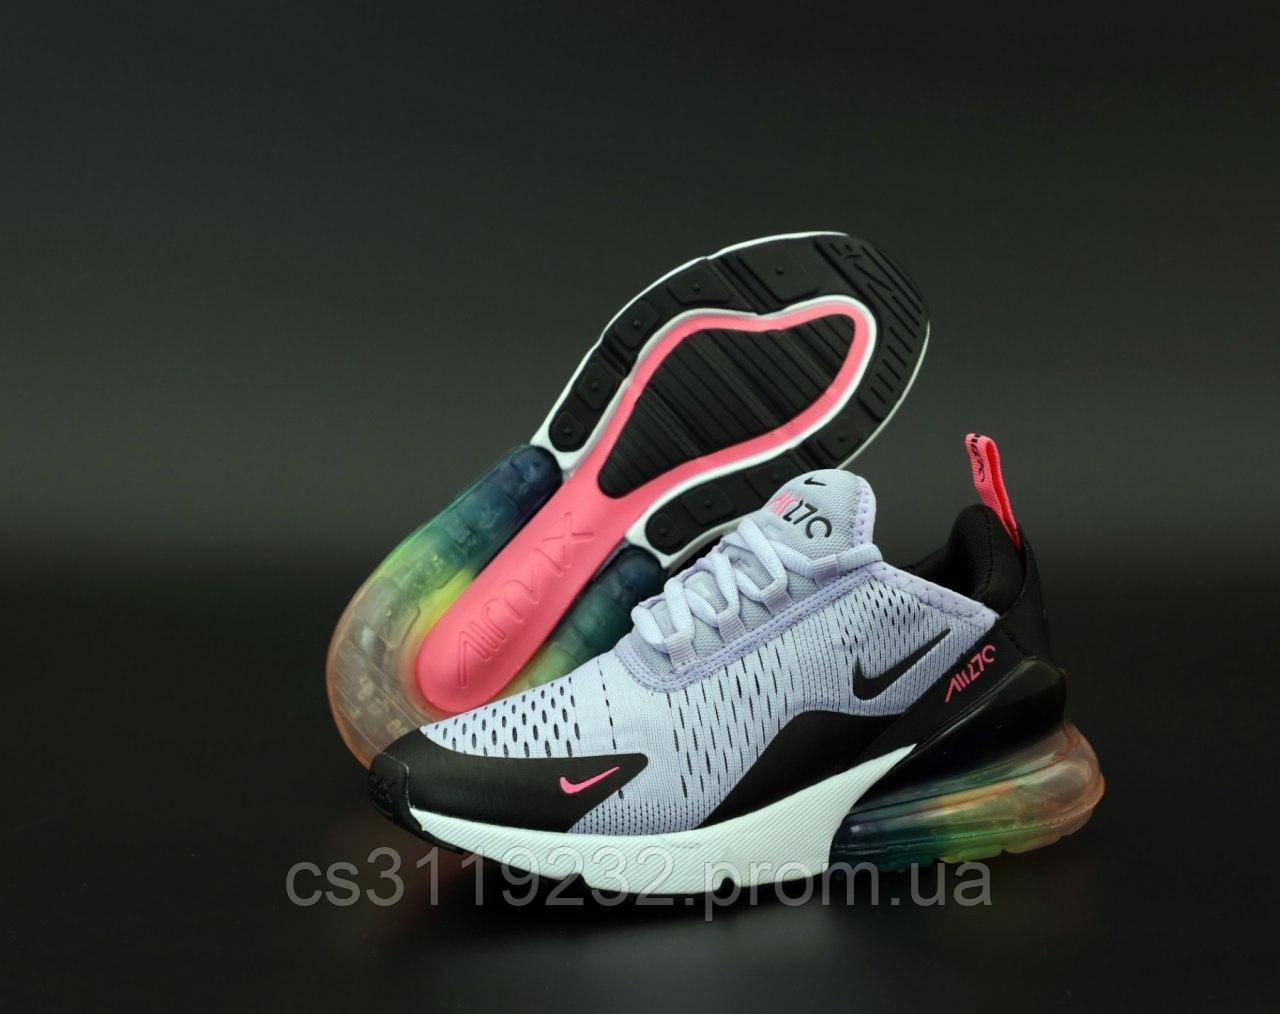 Женские кроссовки Nike  Air Max 270 (мультиколор)